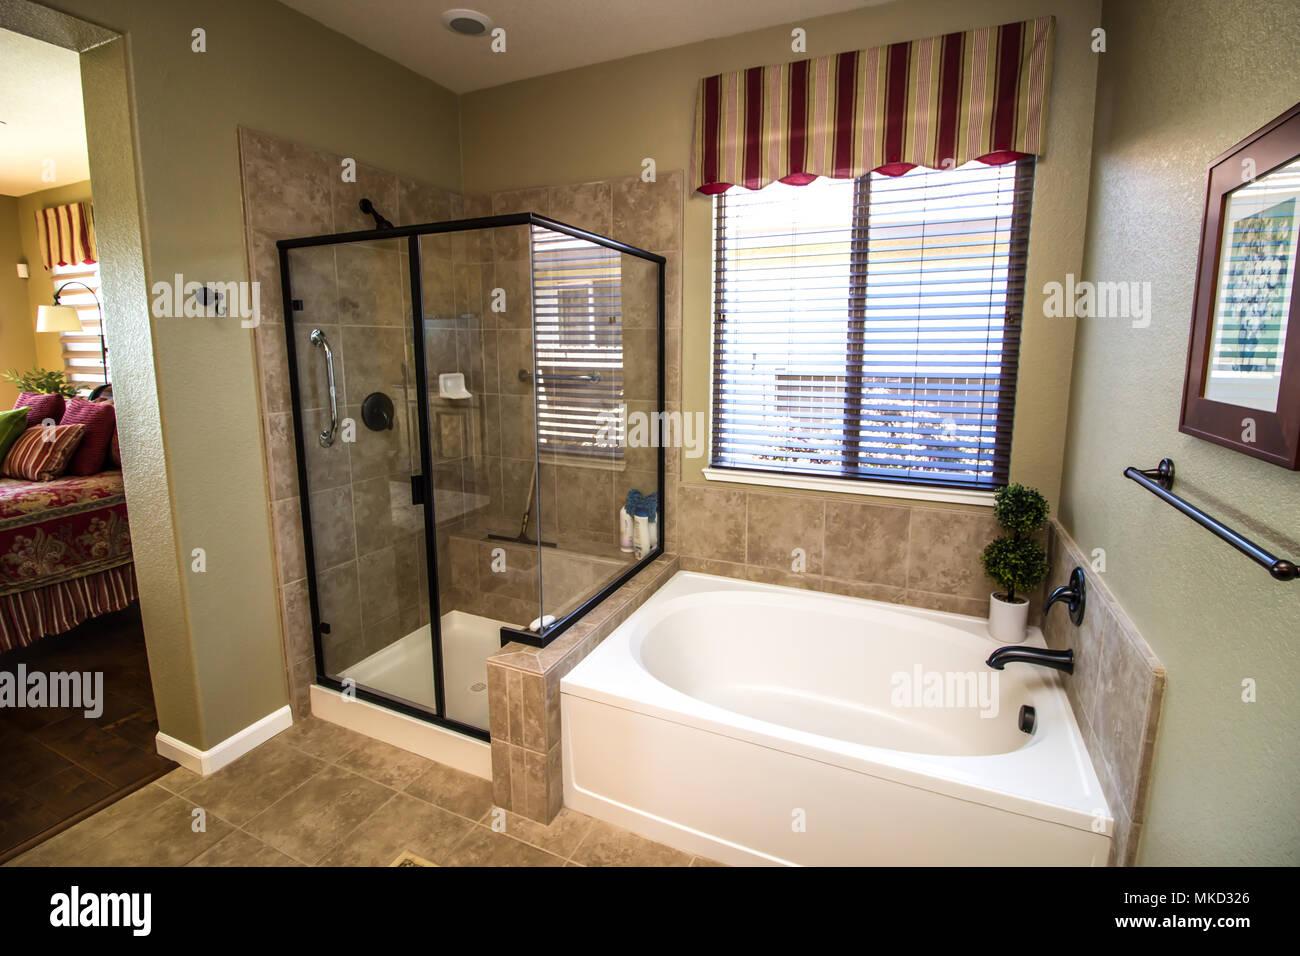 Vasca Da Bagno Otturata : Bagno padronale con vasca e doccia docce e vasche da bagno com